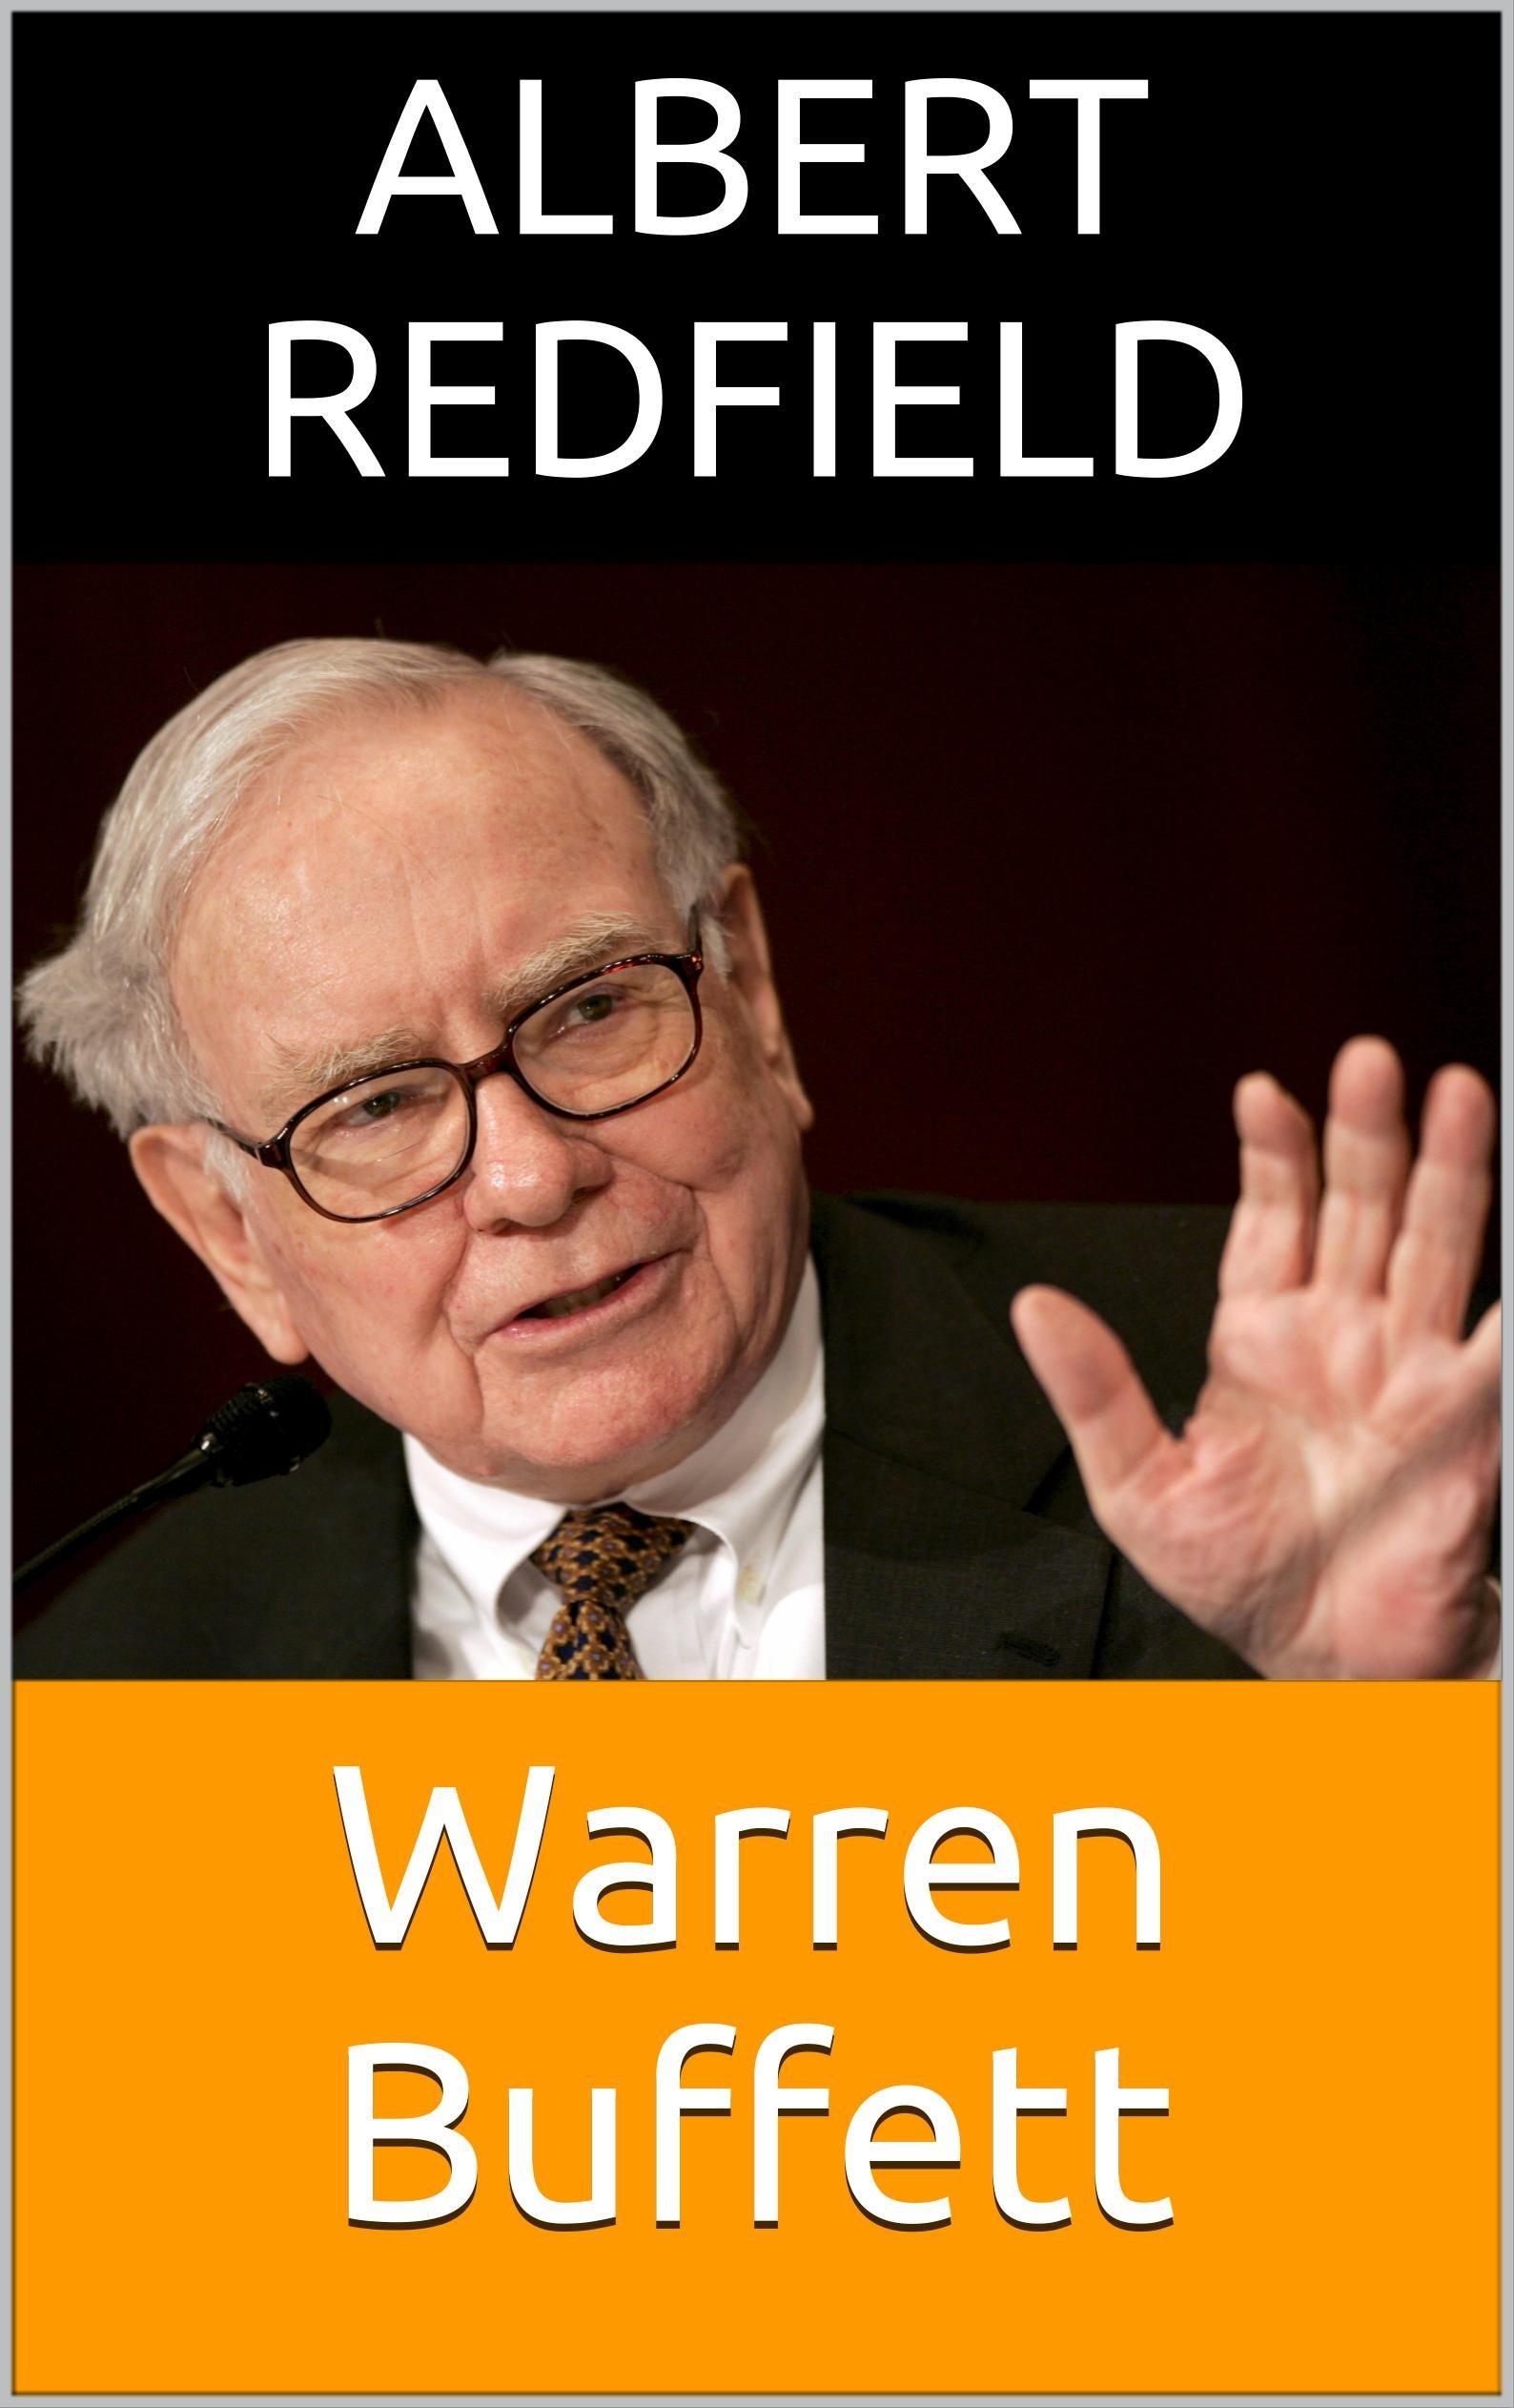 Warren Buffett: A Biography of the most Intelligent Businessman Ever